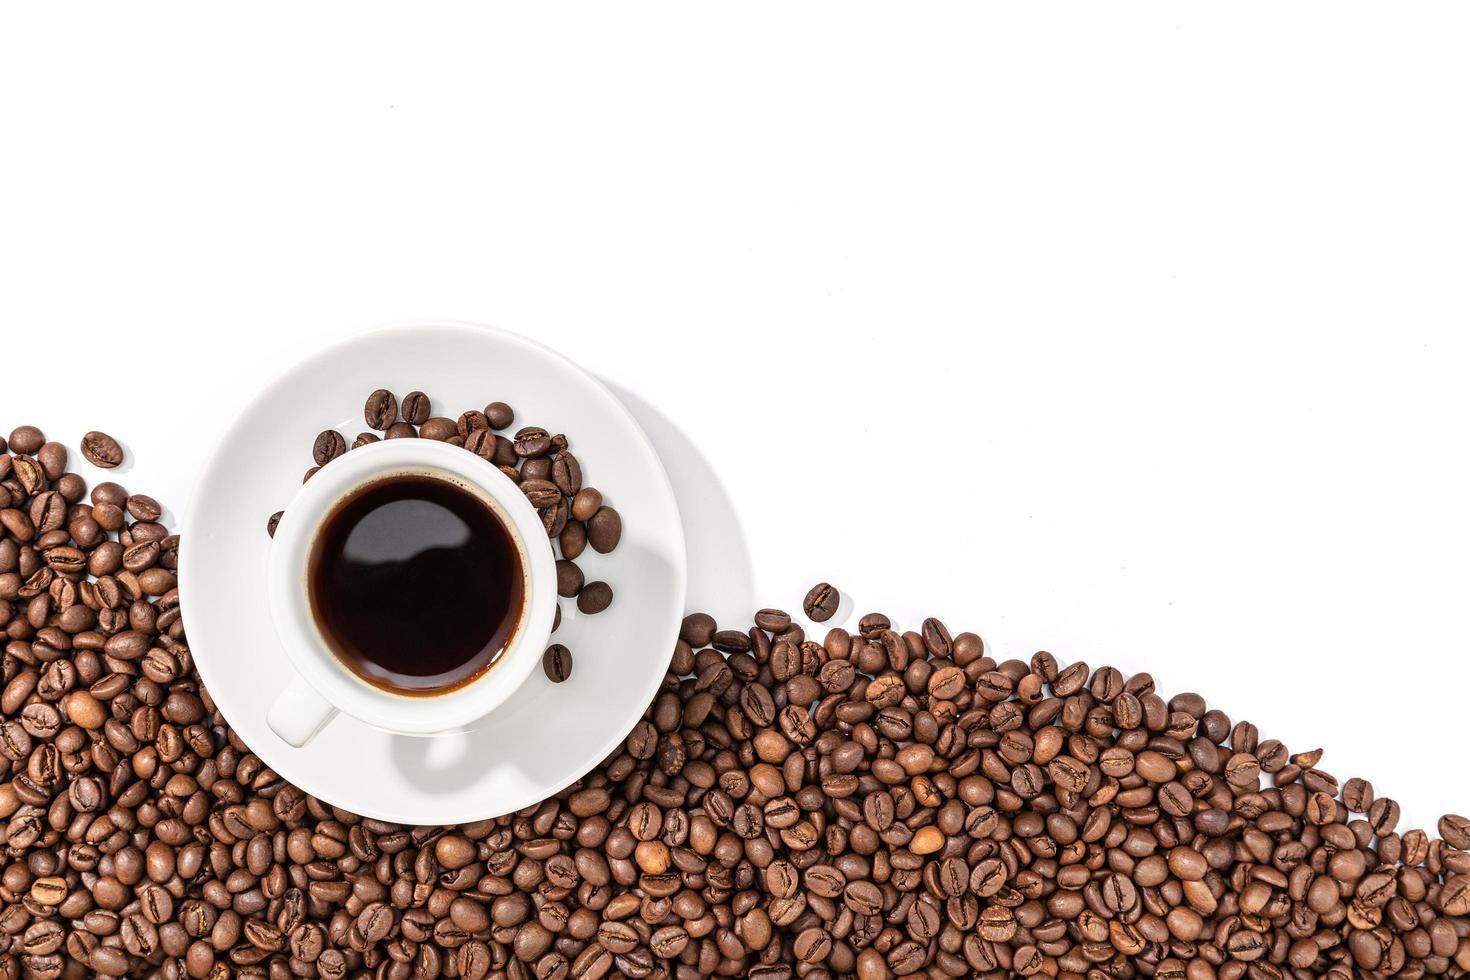 Tasse Espressokaffee und geröstete Bohnen auf weißem Hintergrund foto